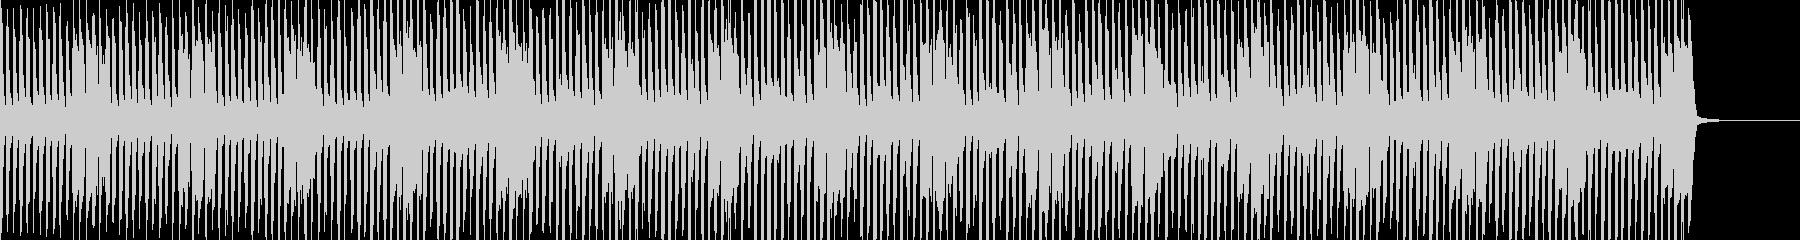 楽しい アコギ・手拍子・ピアノの未再生の波形